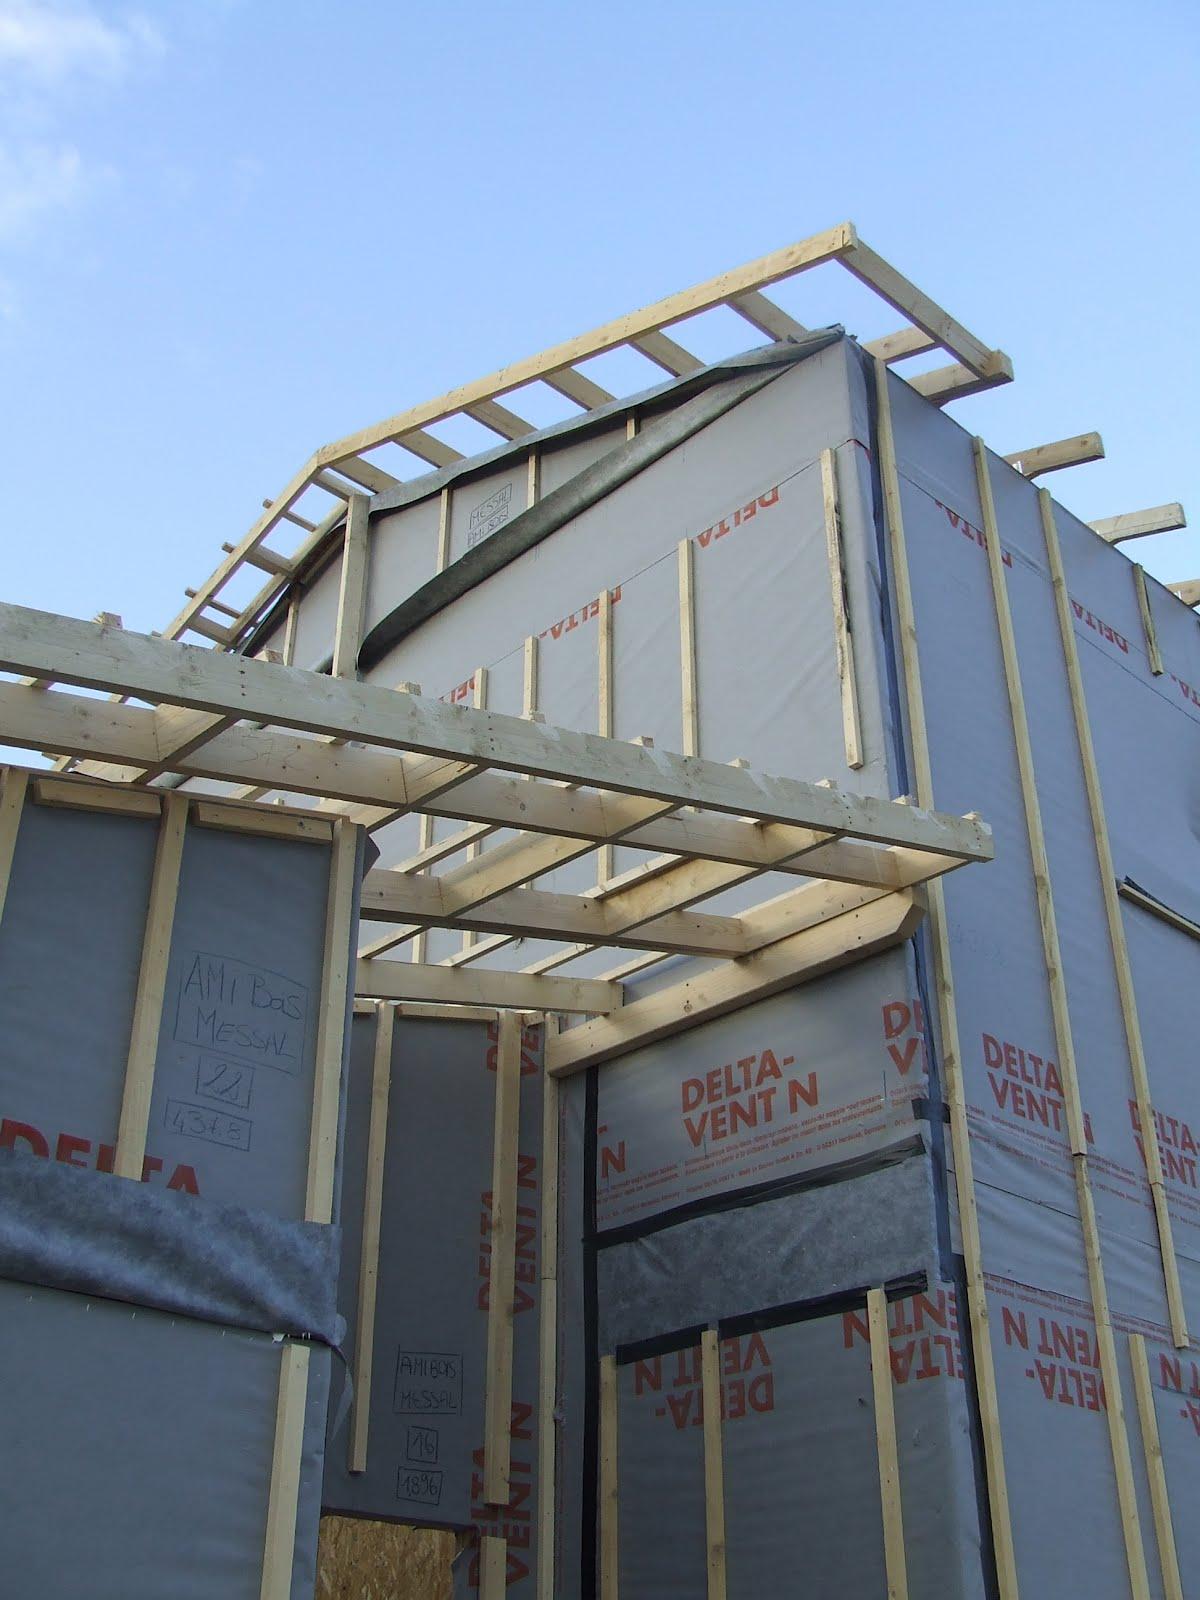 Notre maison en bois montage des murs j 9 for Montage maison en bois